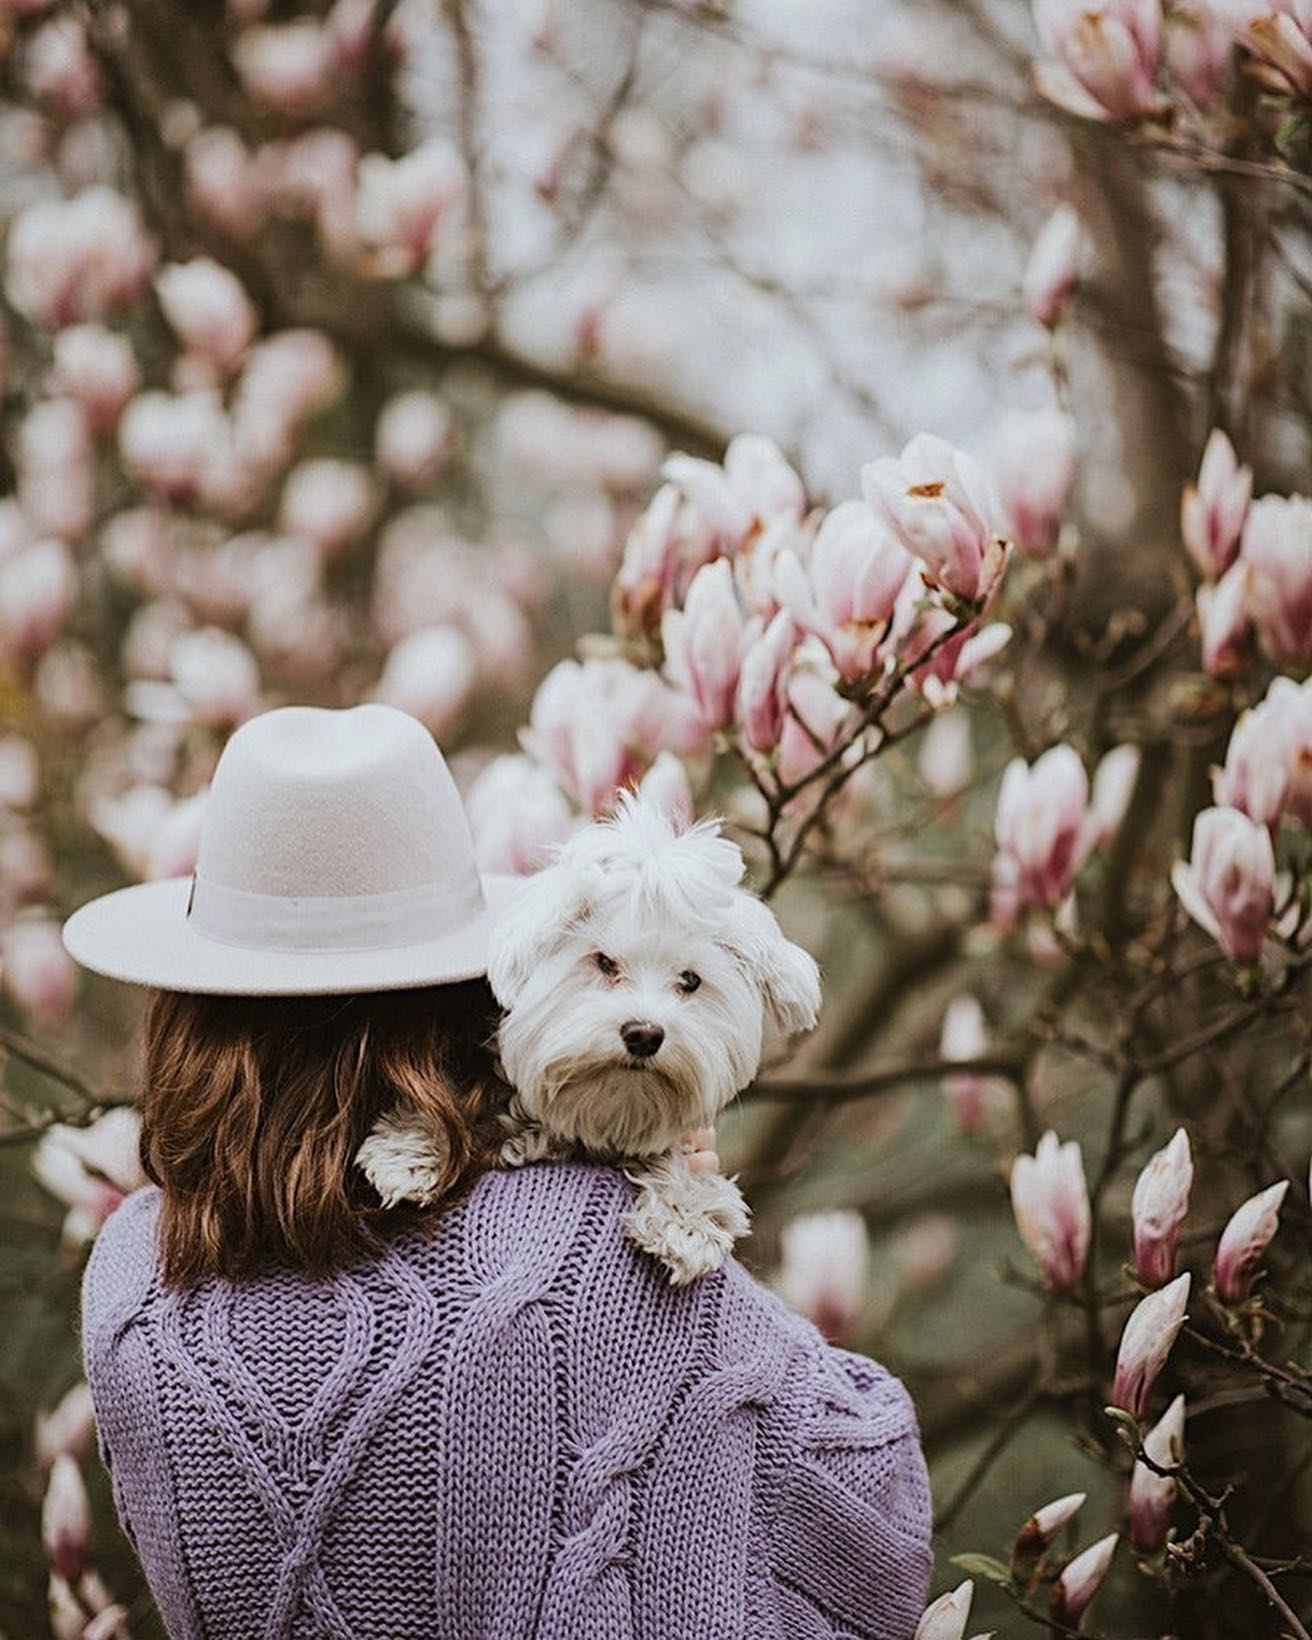 Jestem tymi zdjęciami zachwycona! Nasz lawendowy kardigan w sesji @monikamamon 💜💜💜 A to tego piesio i magnolie!!! Cudownie 🌸